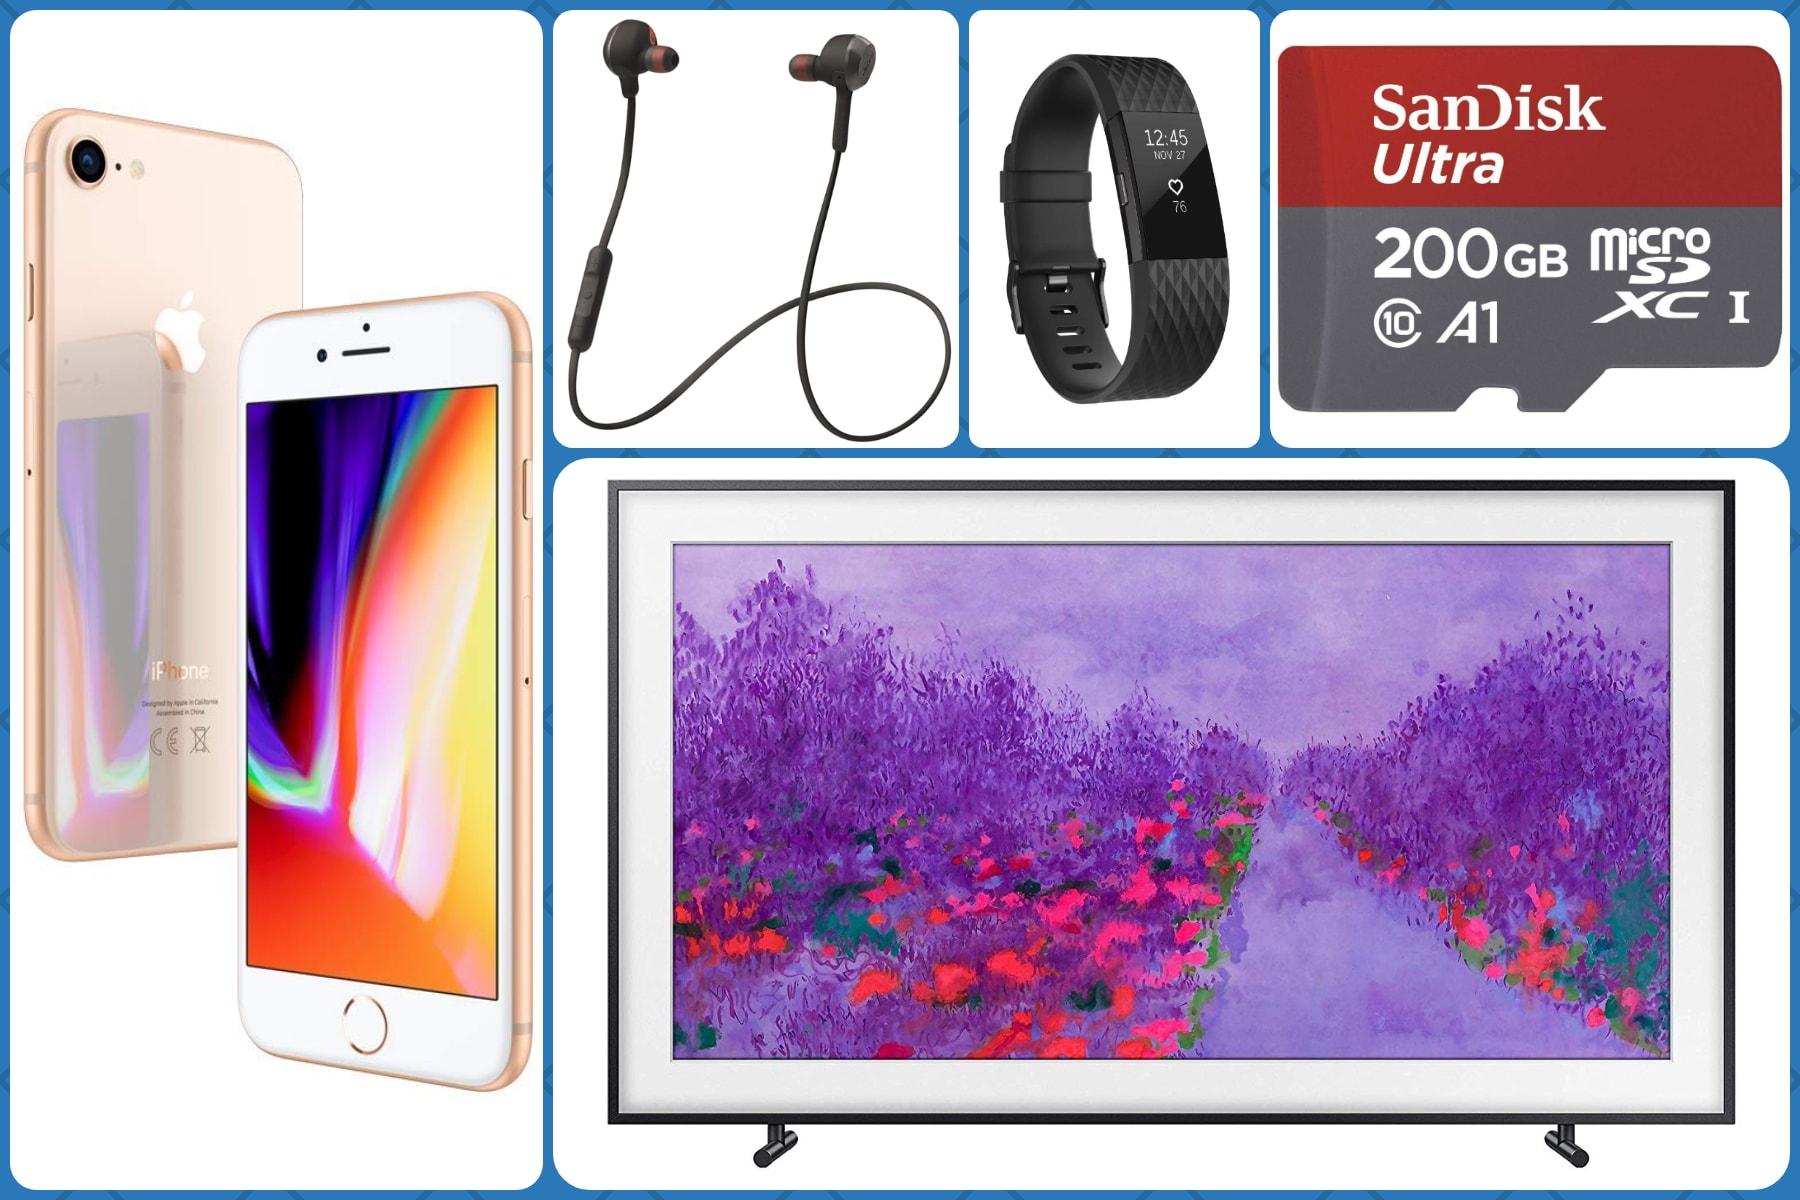 iPhone 8, TV Samsung, microSD, Fitbit e tanto altro in offerta su Amazon - image migliori-offerte-amazon-11-gennaio-2019 on https://www.zxbyte.com